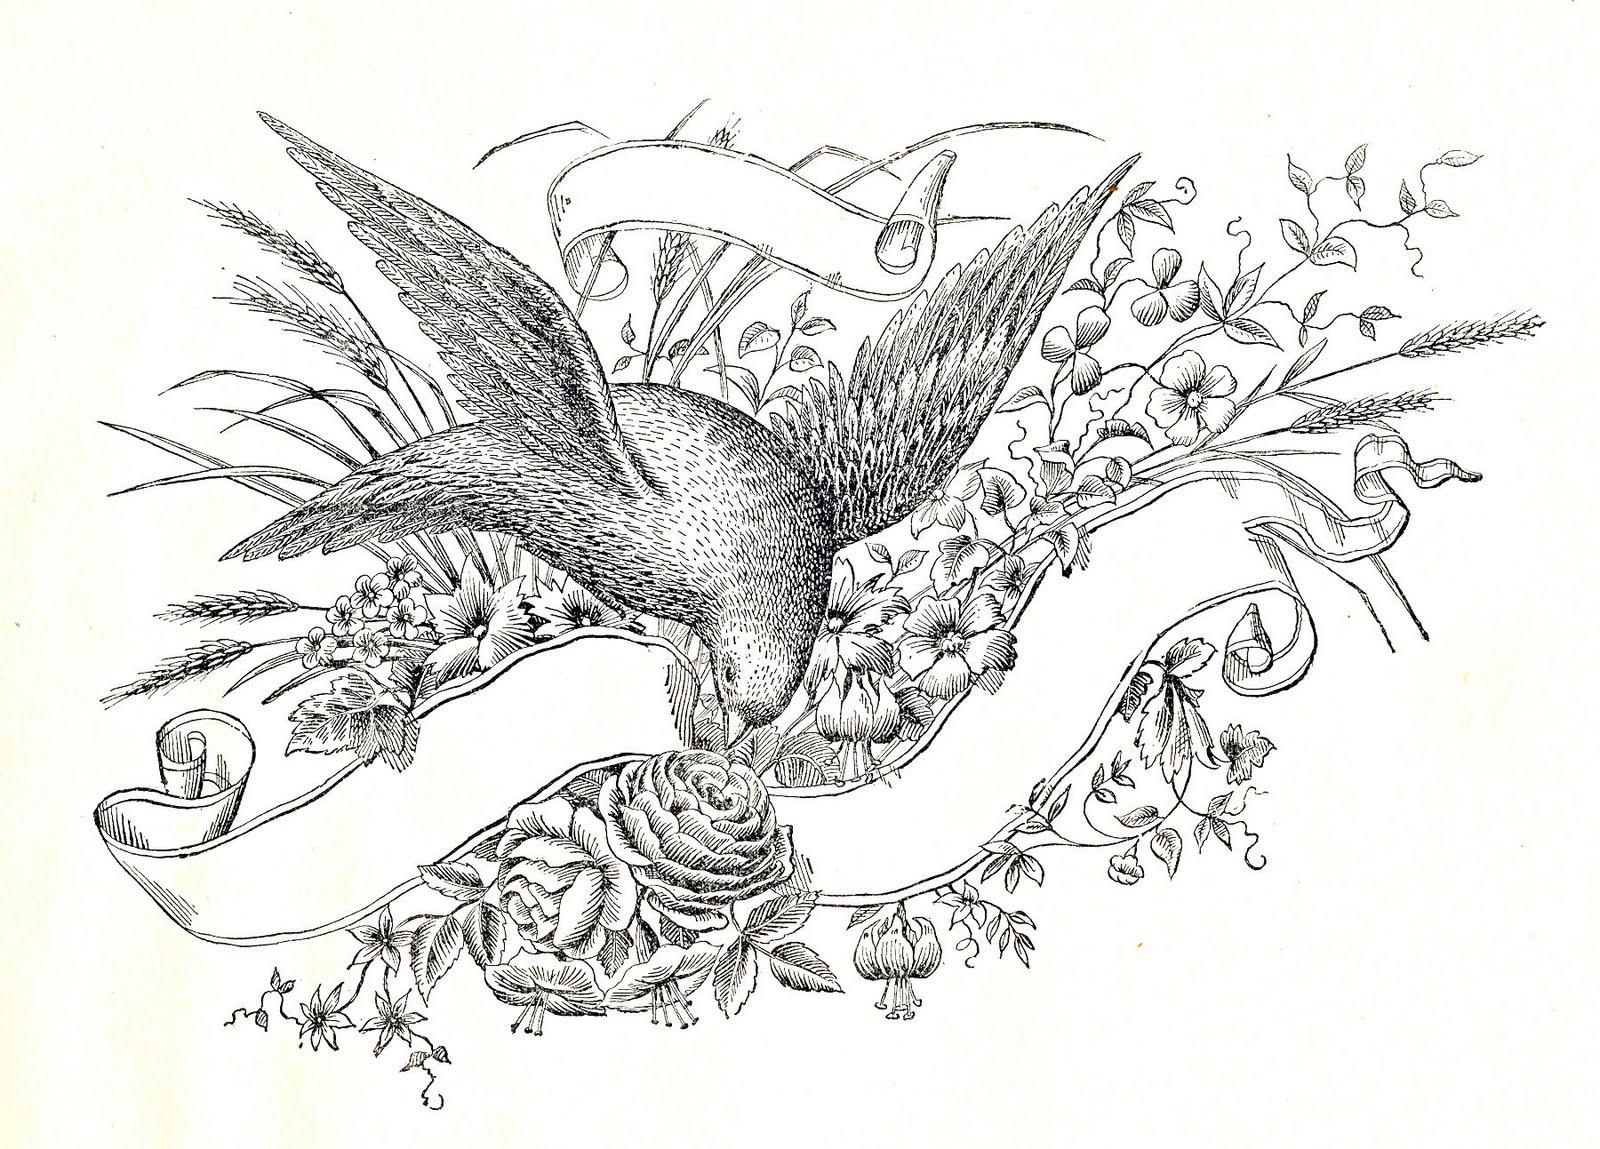 Голубь, цветы и свиток - рисунок для оформления свадебного приглашения